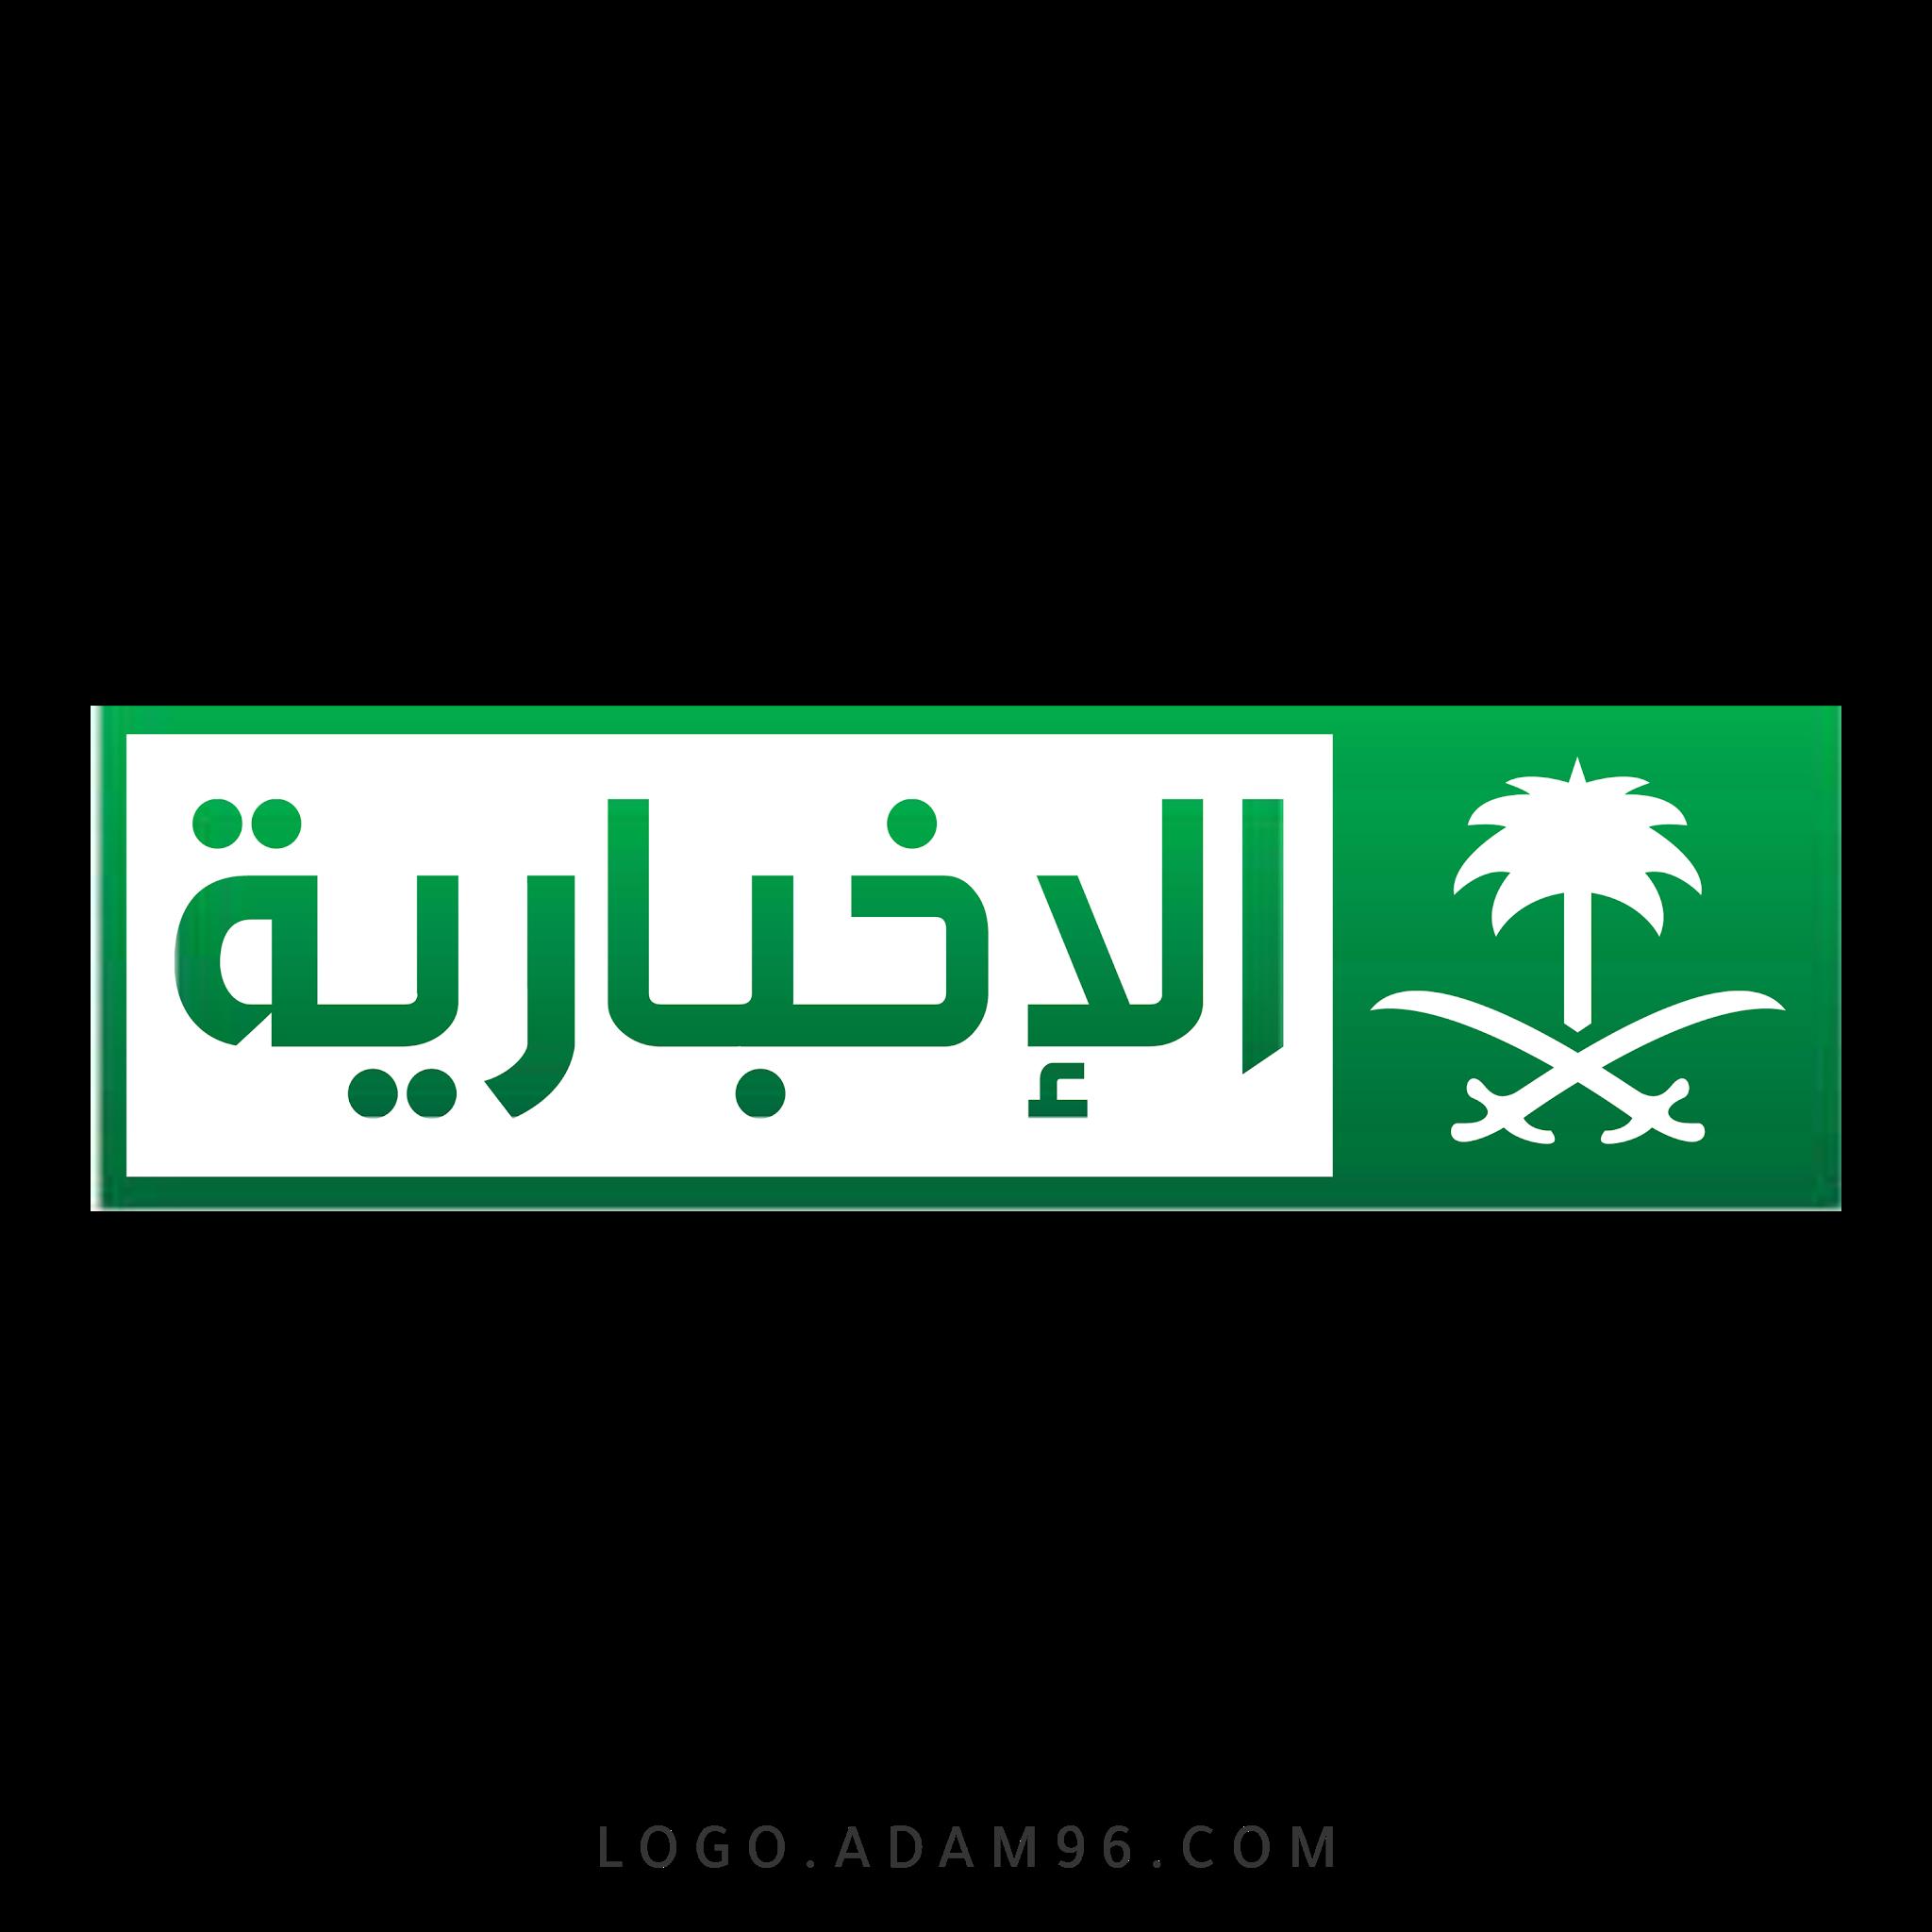 تحميل شعار التلفزيون السعودي القناة الاخبارية لوجو رسمي PNG